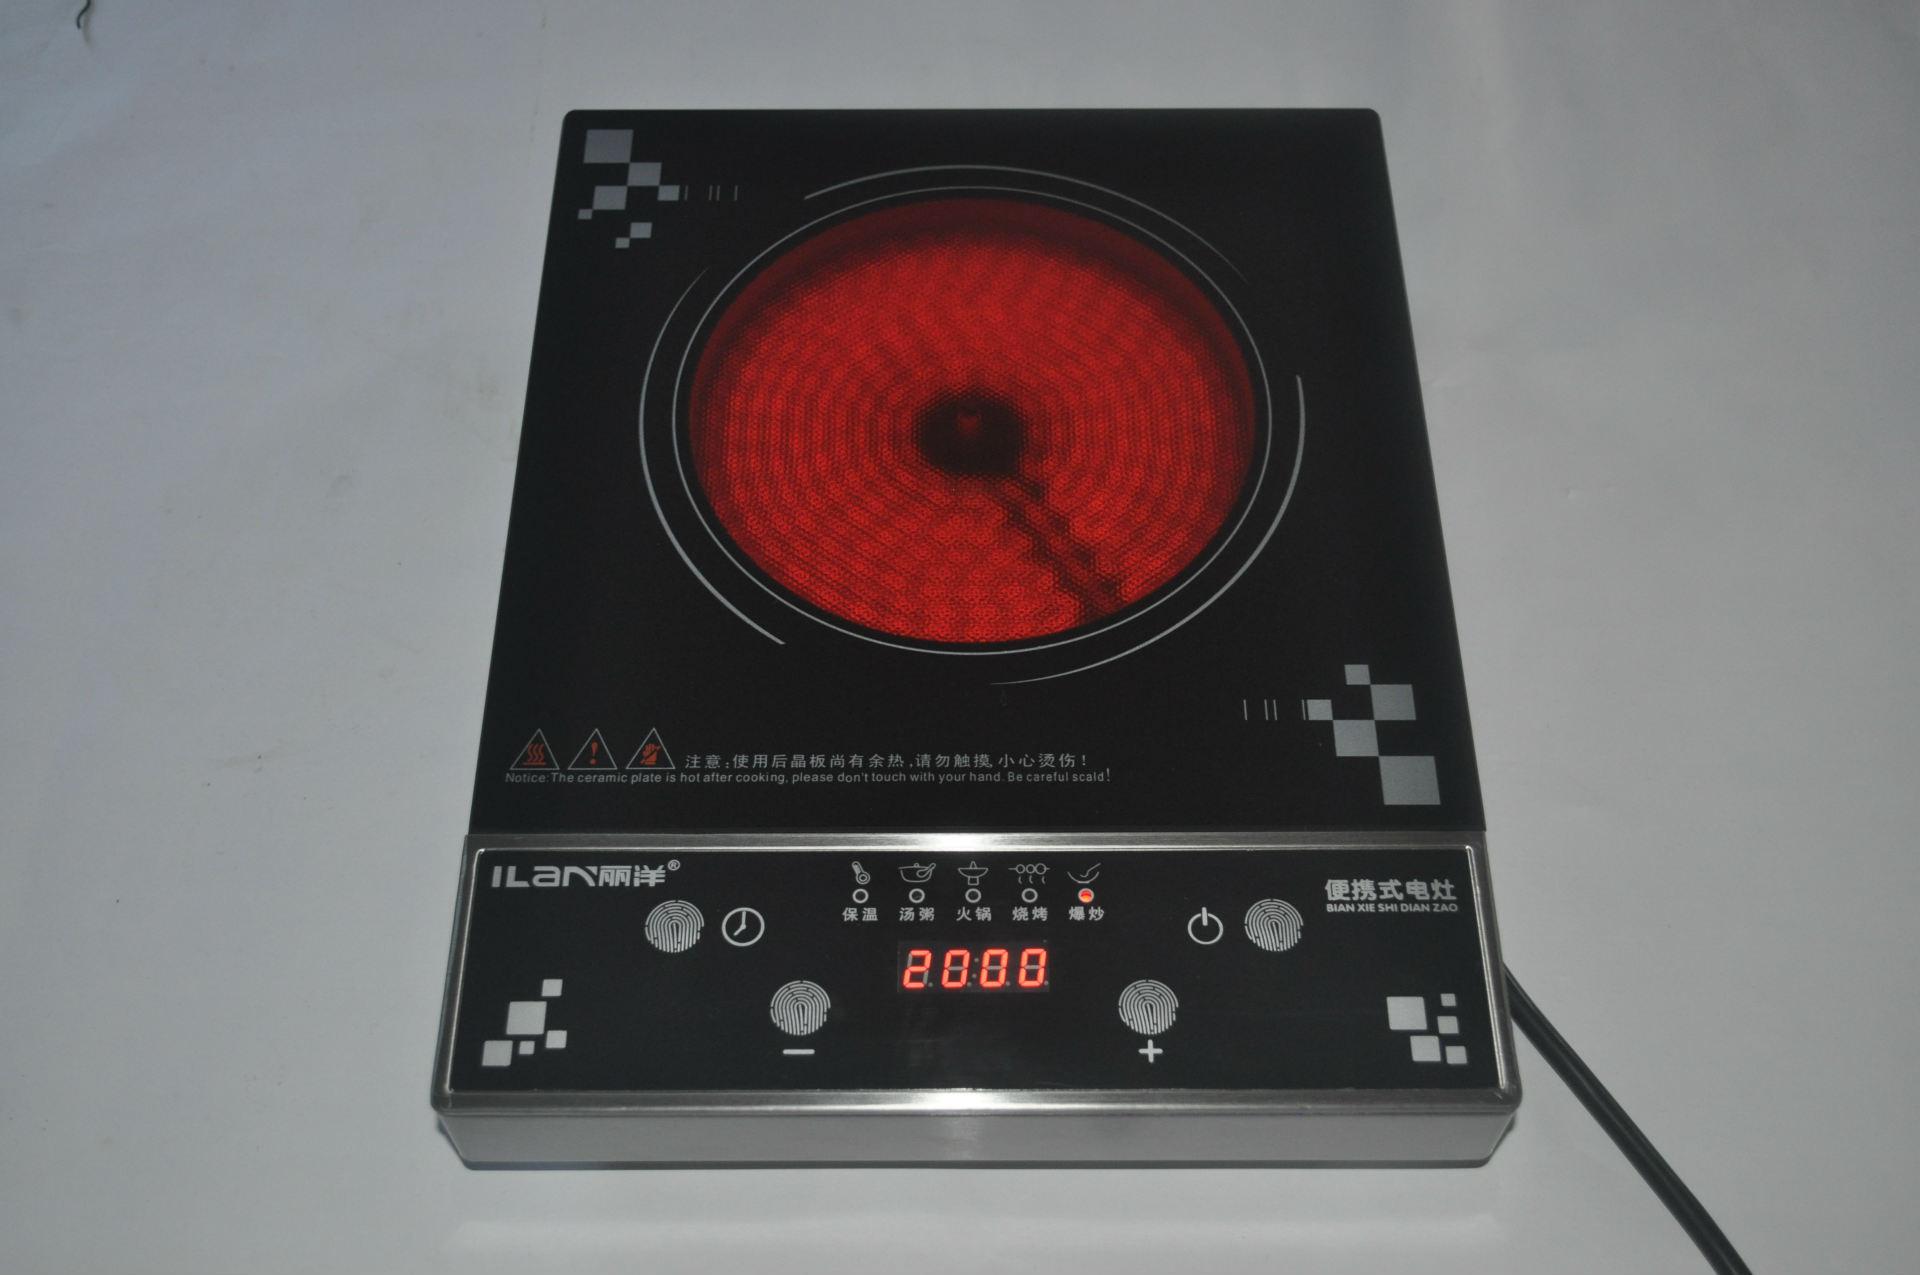 实力供应 光波炉 电陶炉 触摸系列 质量一流